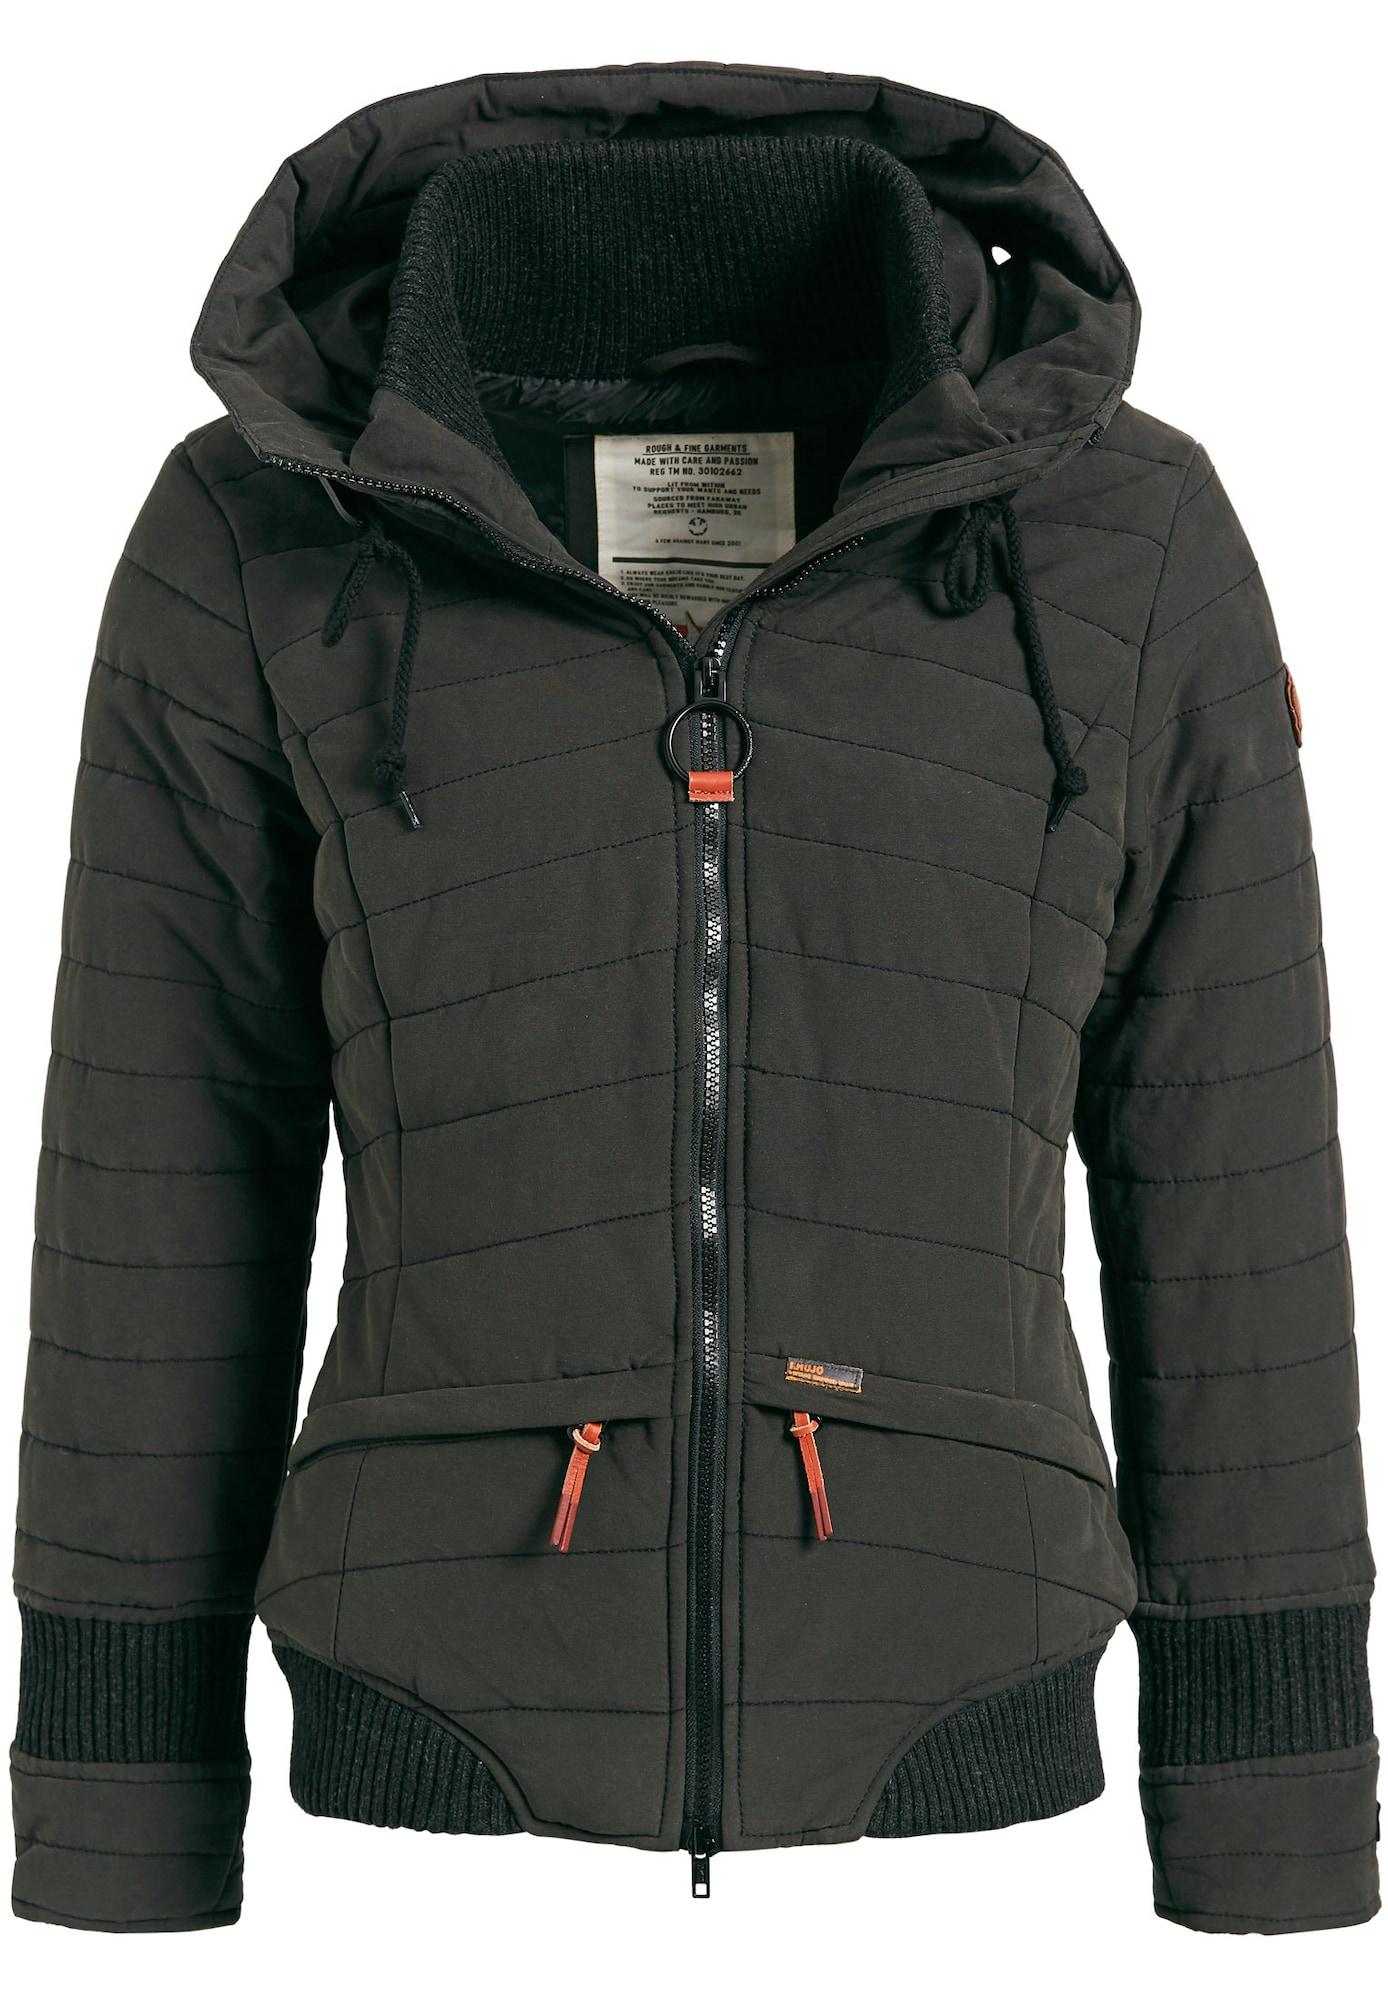 Bekleidung » Damen Jacken online kaufen | Damenmode